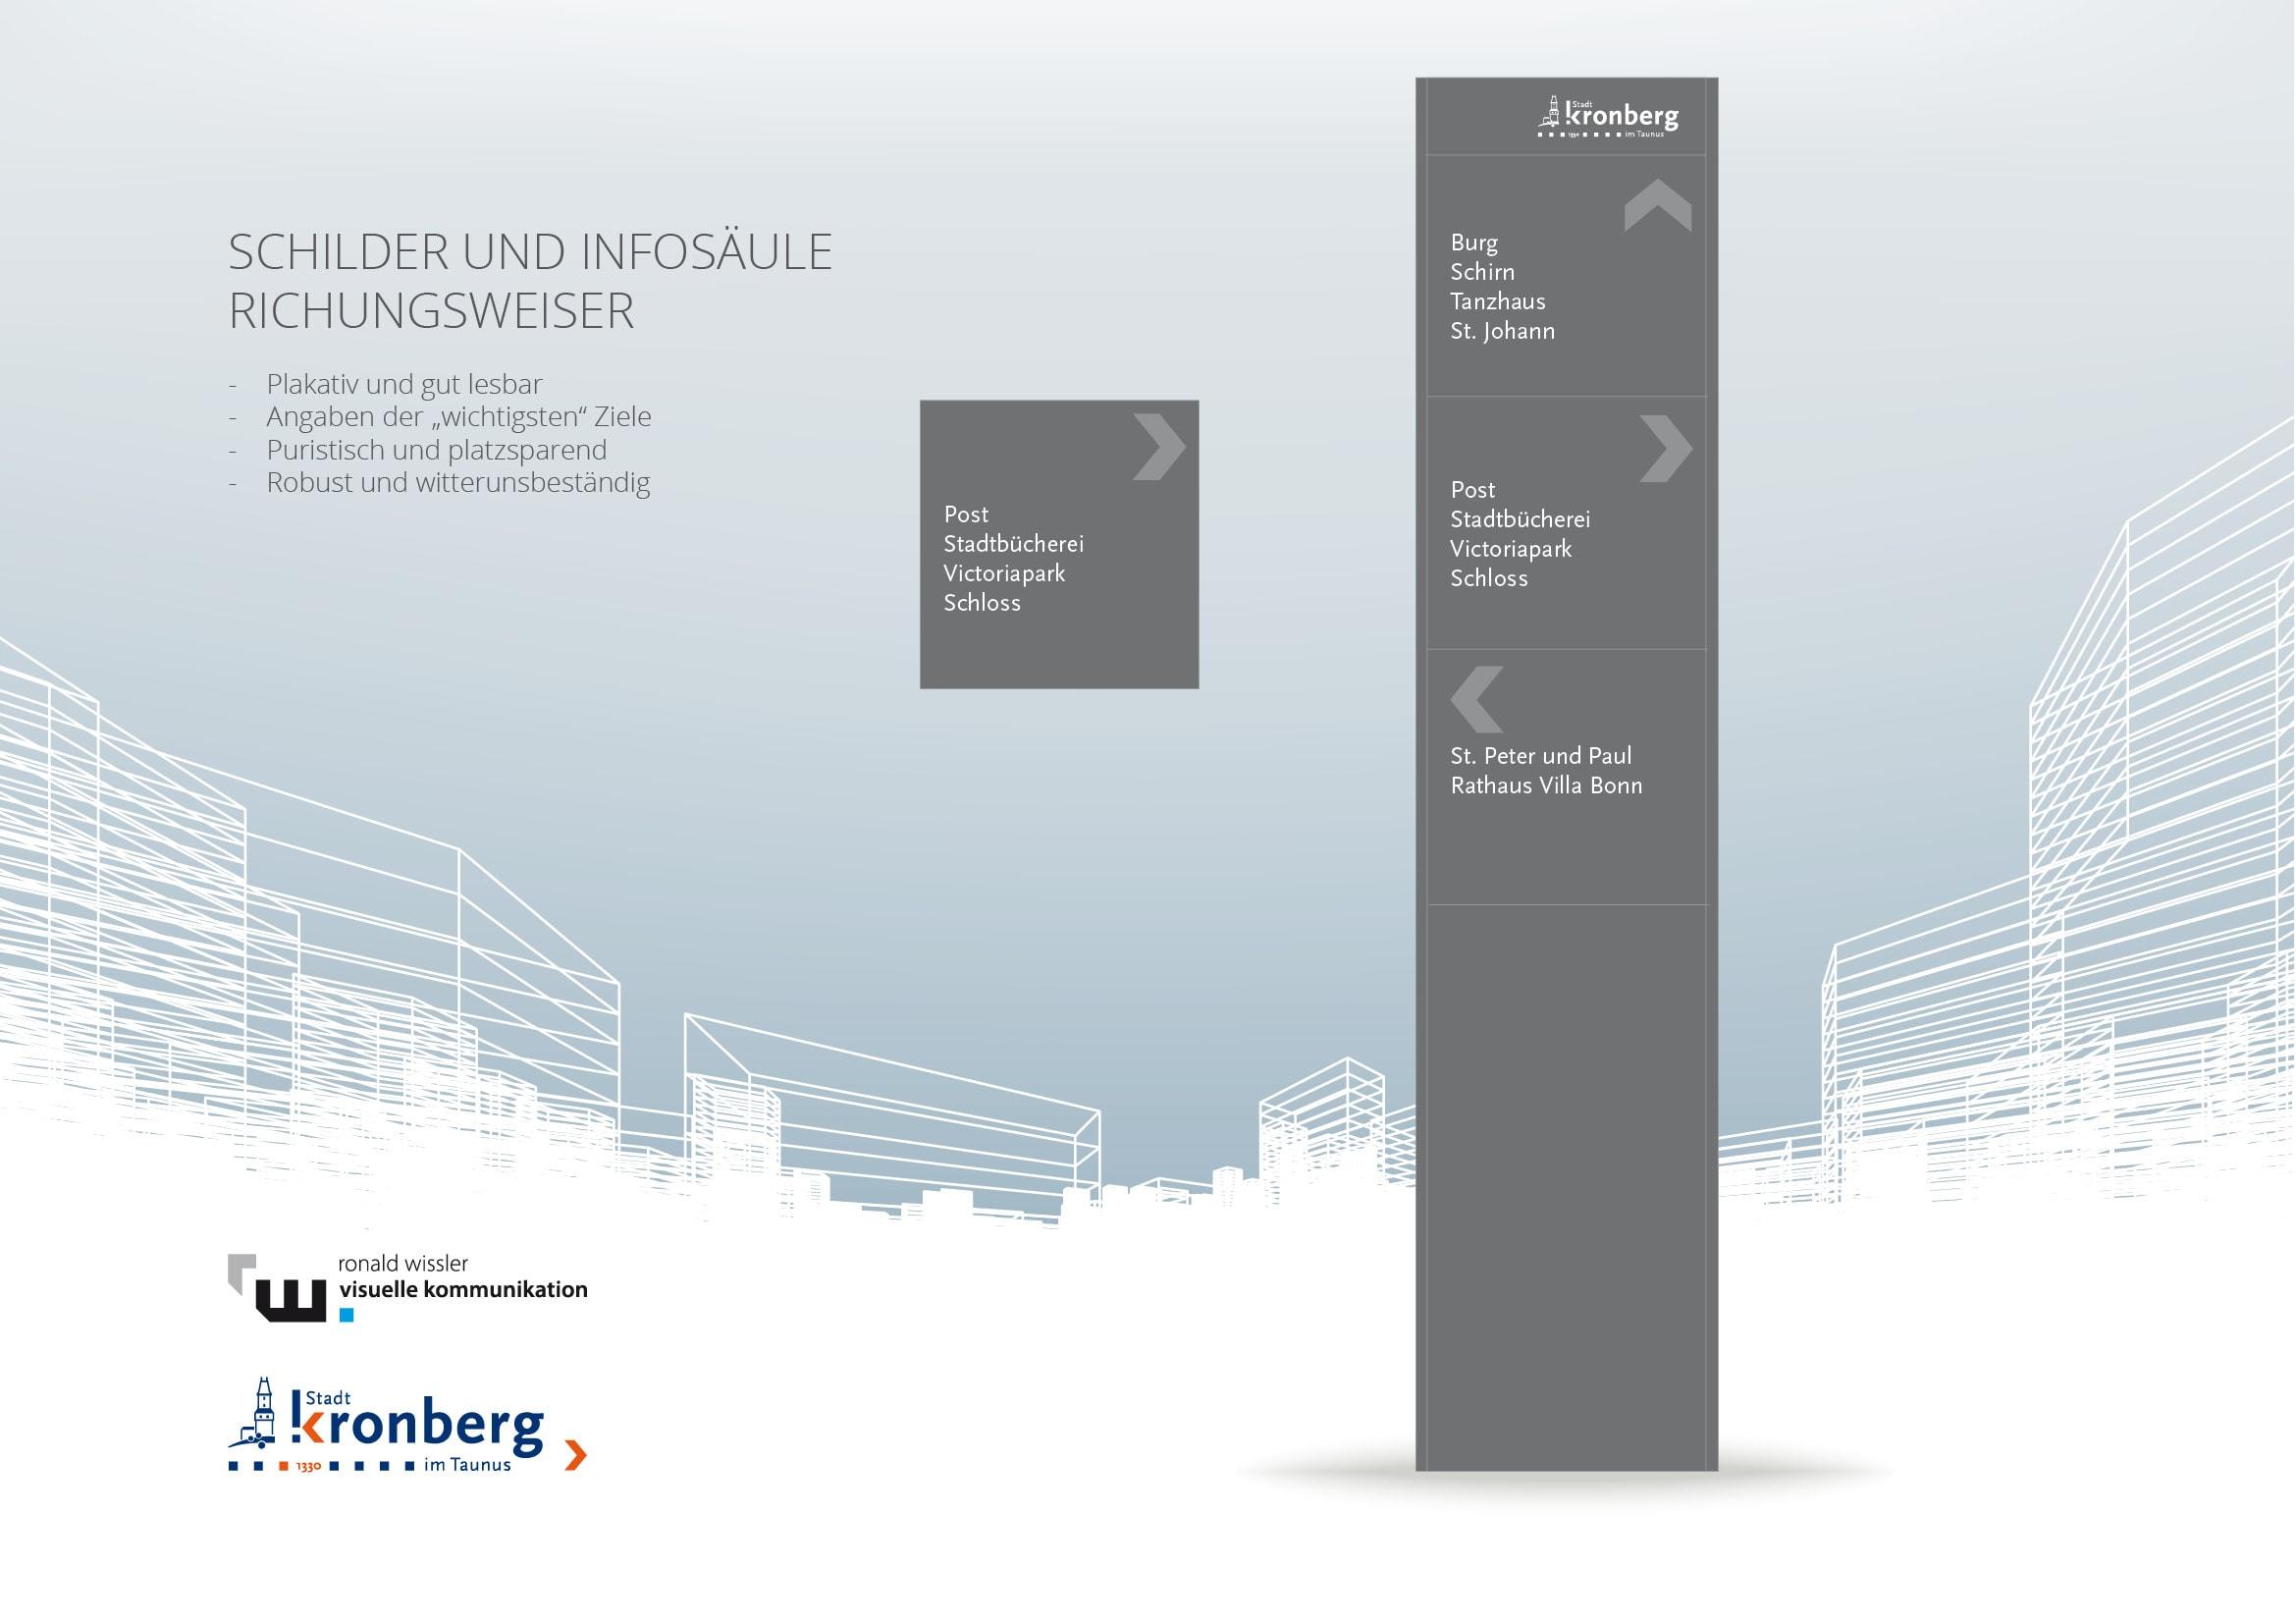 Entwicklung eines Leitsystems für die historische Altstadt von Kronberg durch Ronald Wissler Visuelle Kommunikation